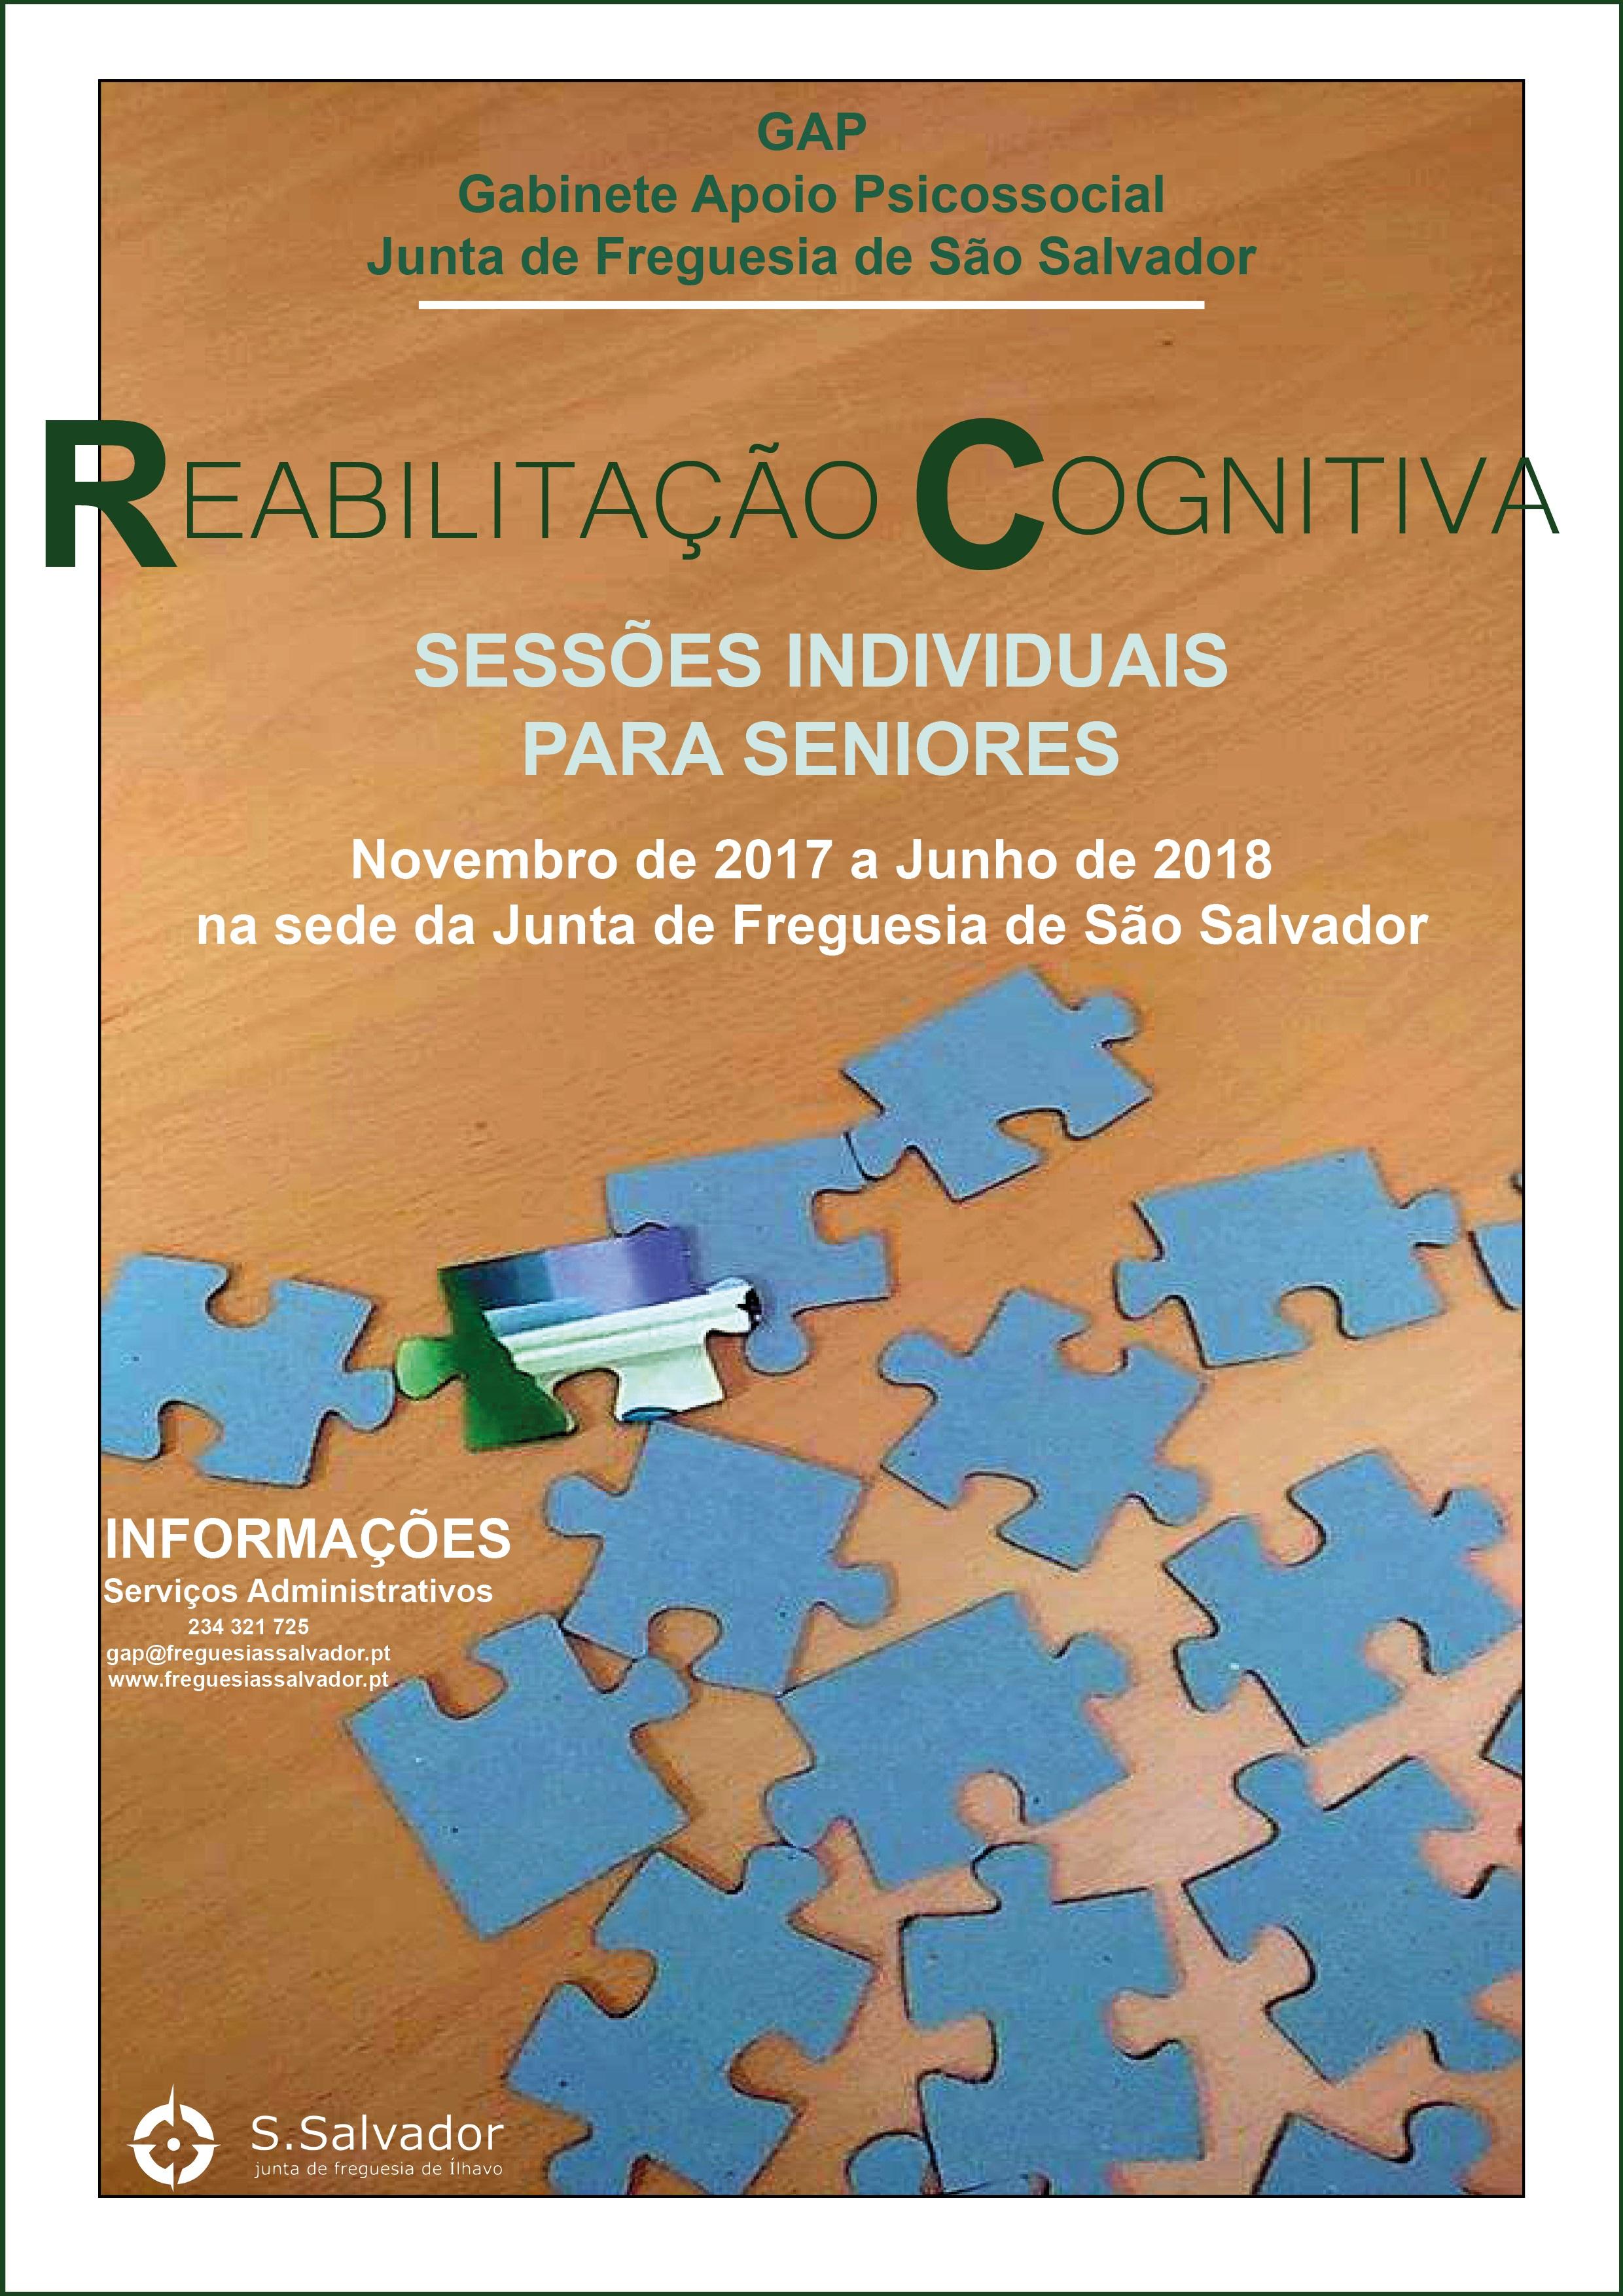 Reabilitação Cognitiva - Sessões individuais para seniores